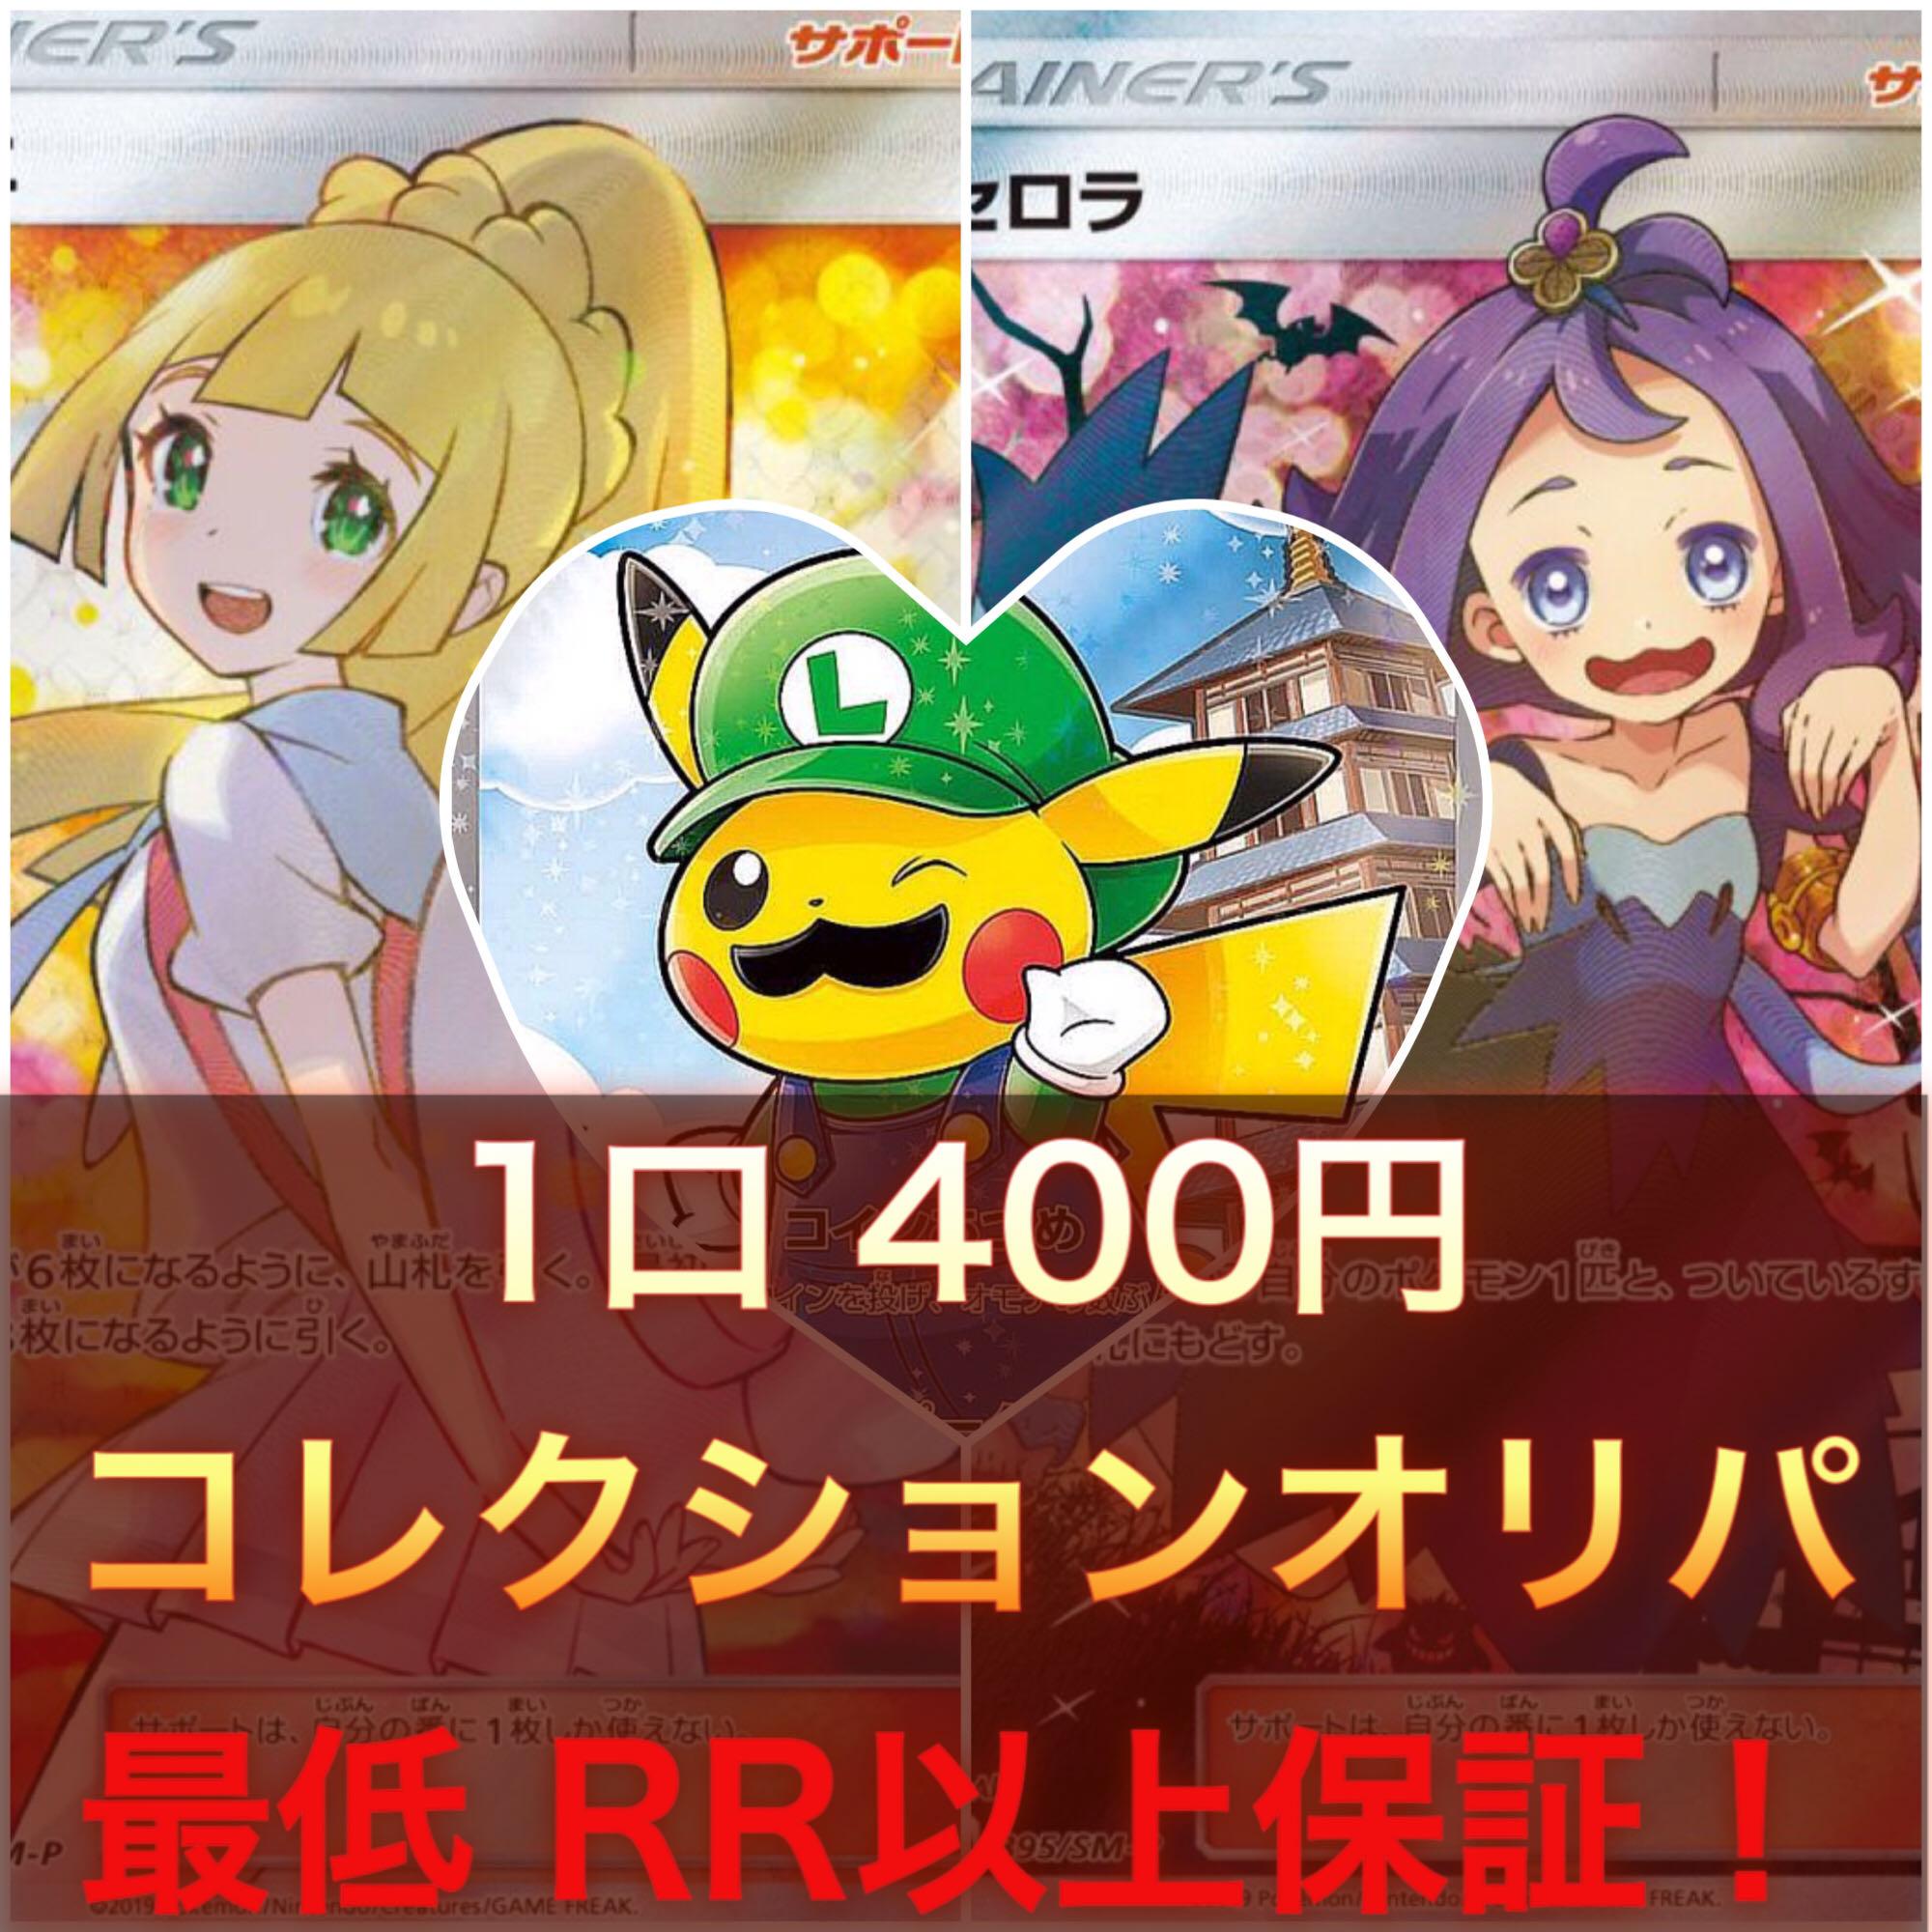 1口400円 コレクションオリパ RR以上確定!残り3607口